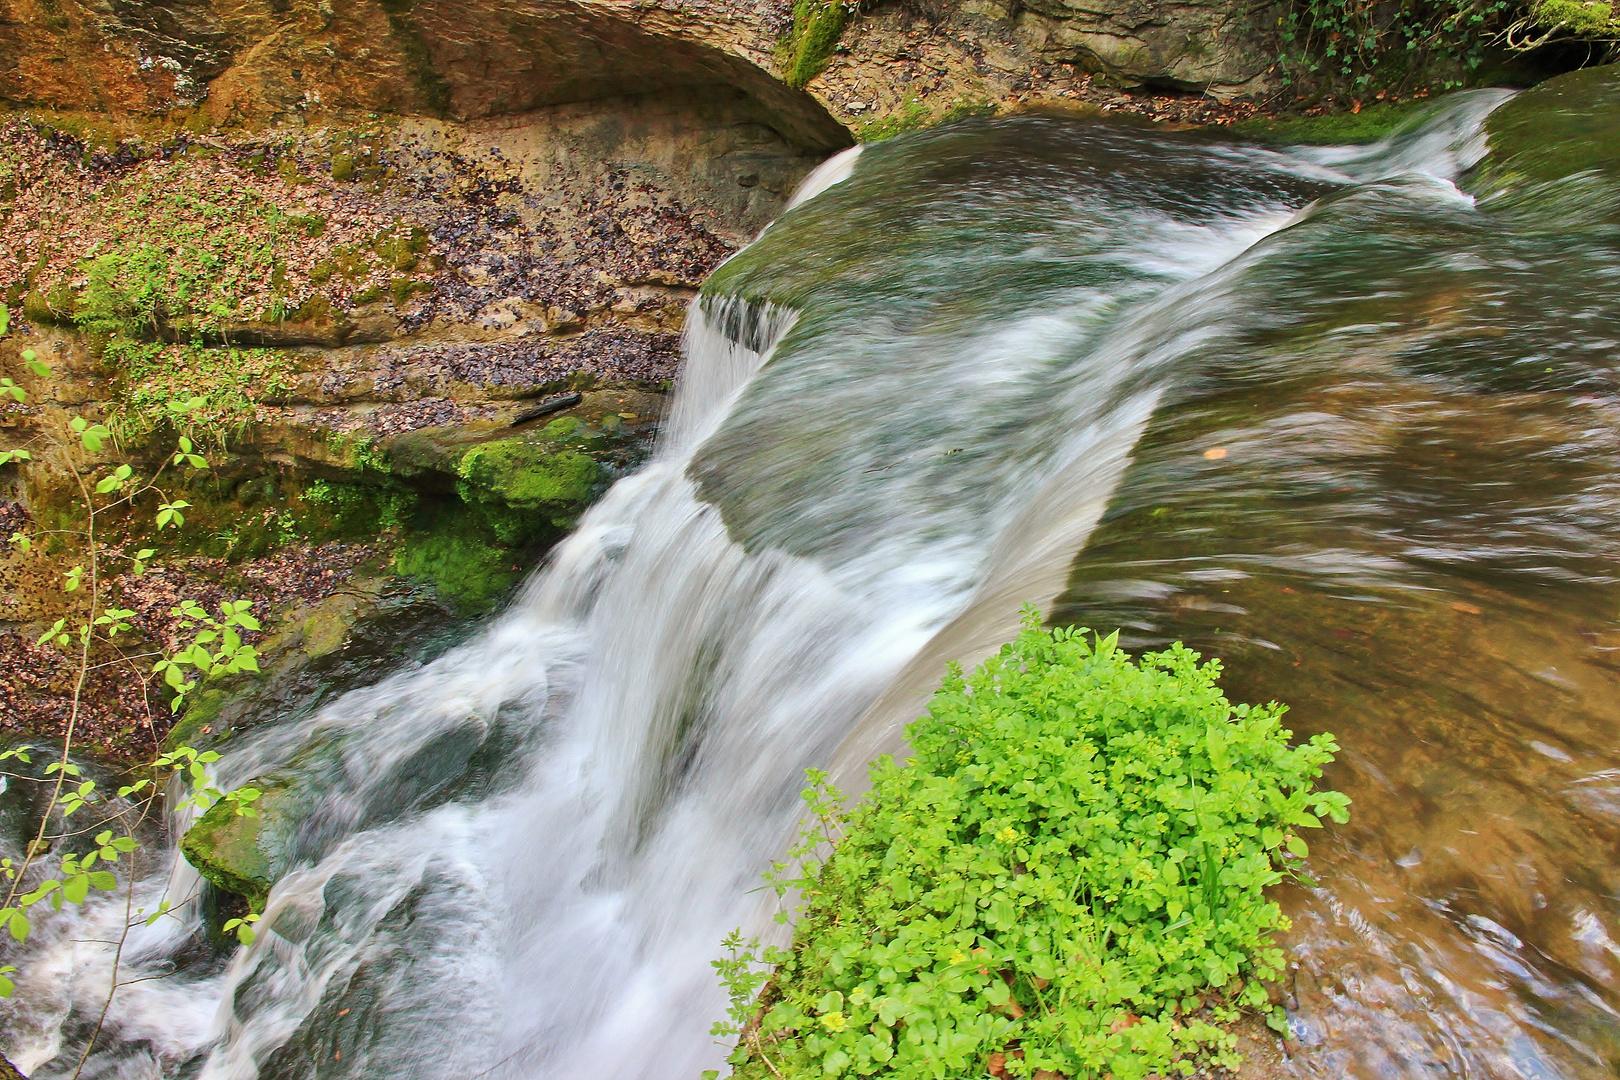 Hinterer Hörschbachwasserfall